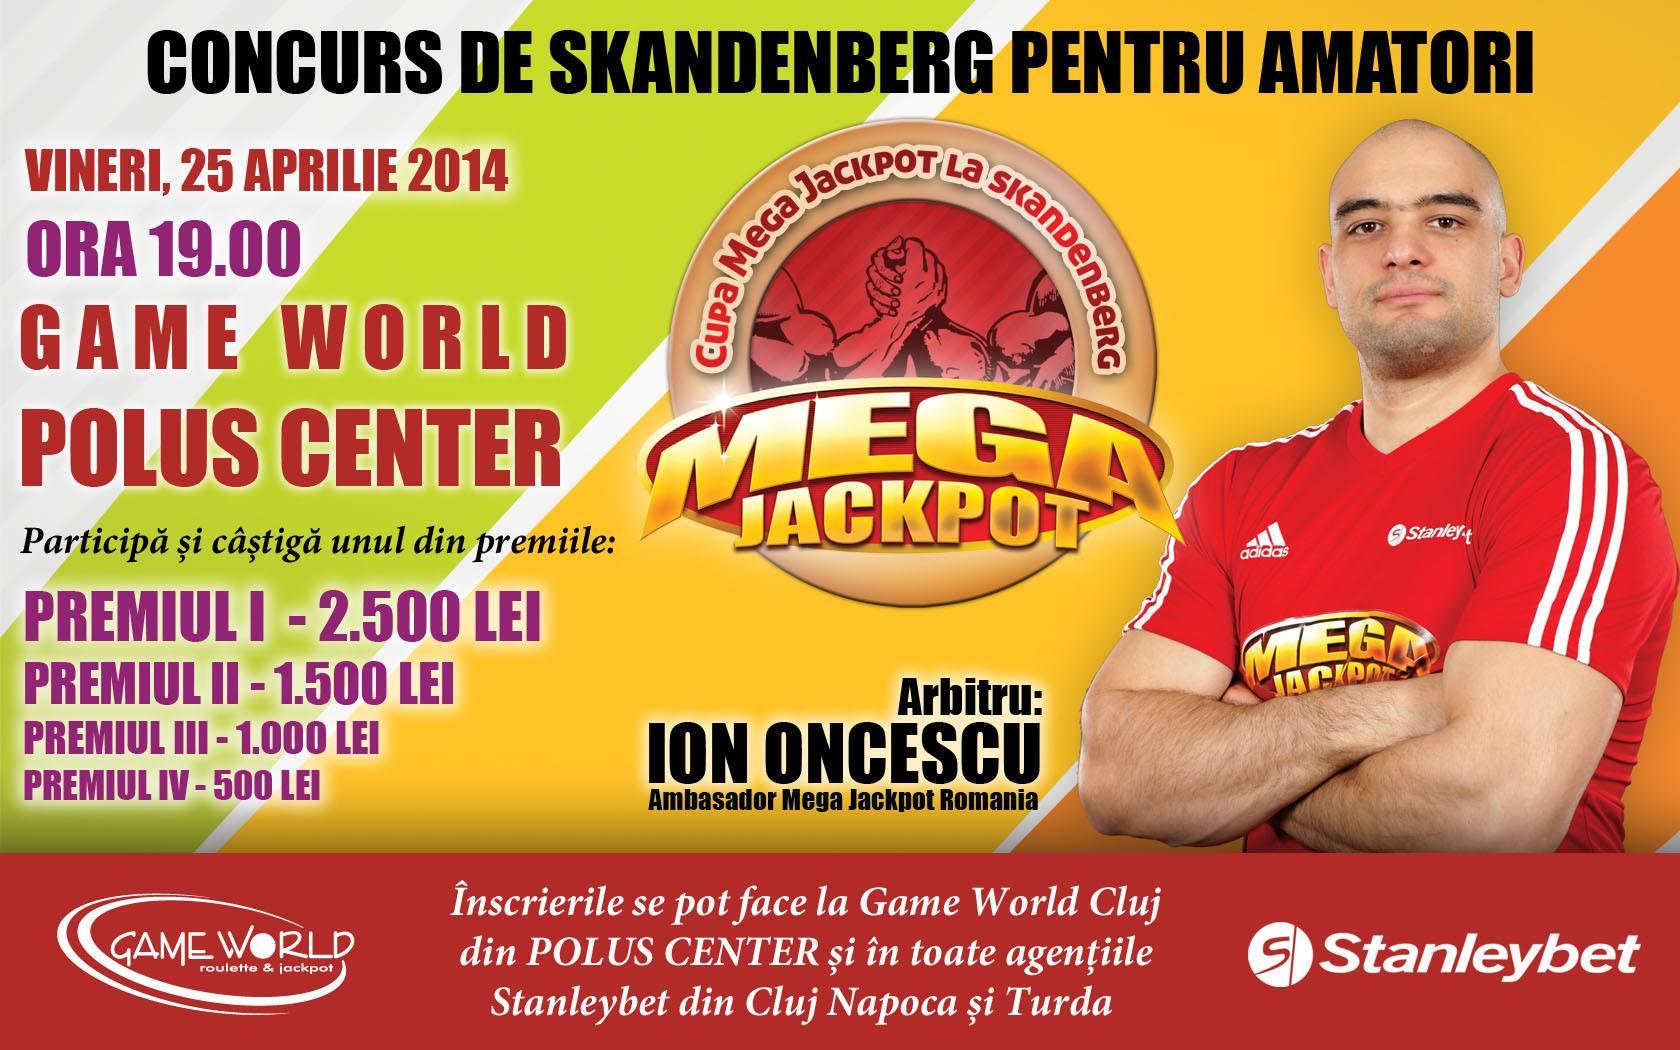 Concurs de Skandenberg pentru amatori, vineri, la Polus Center